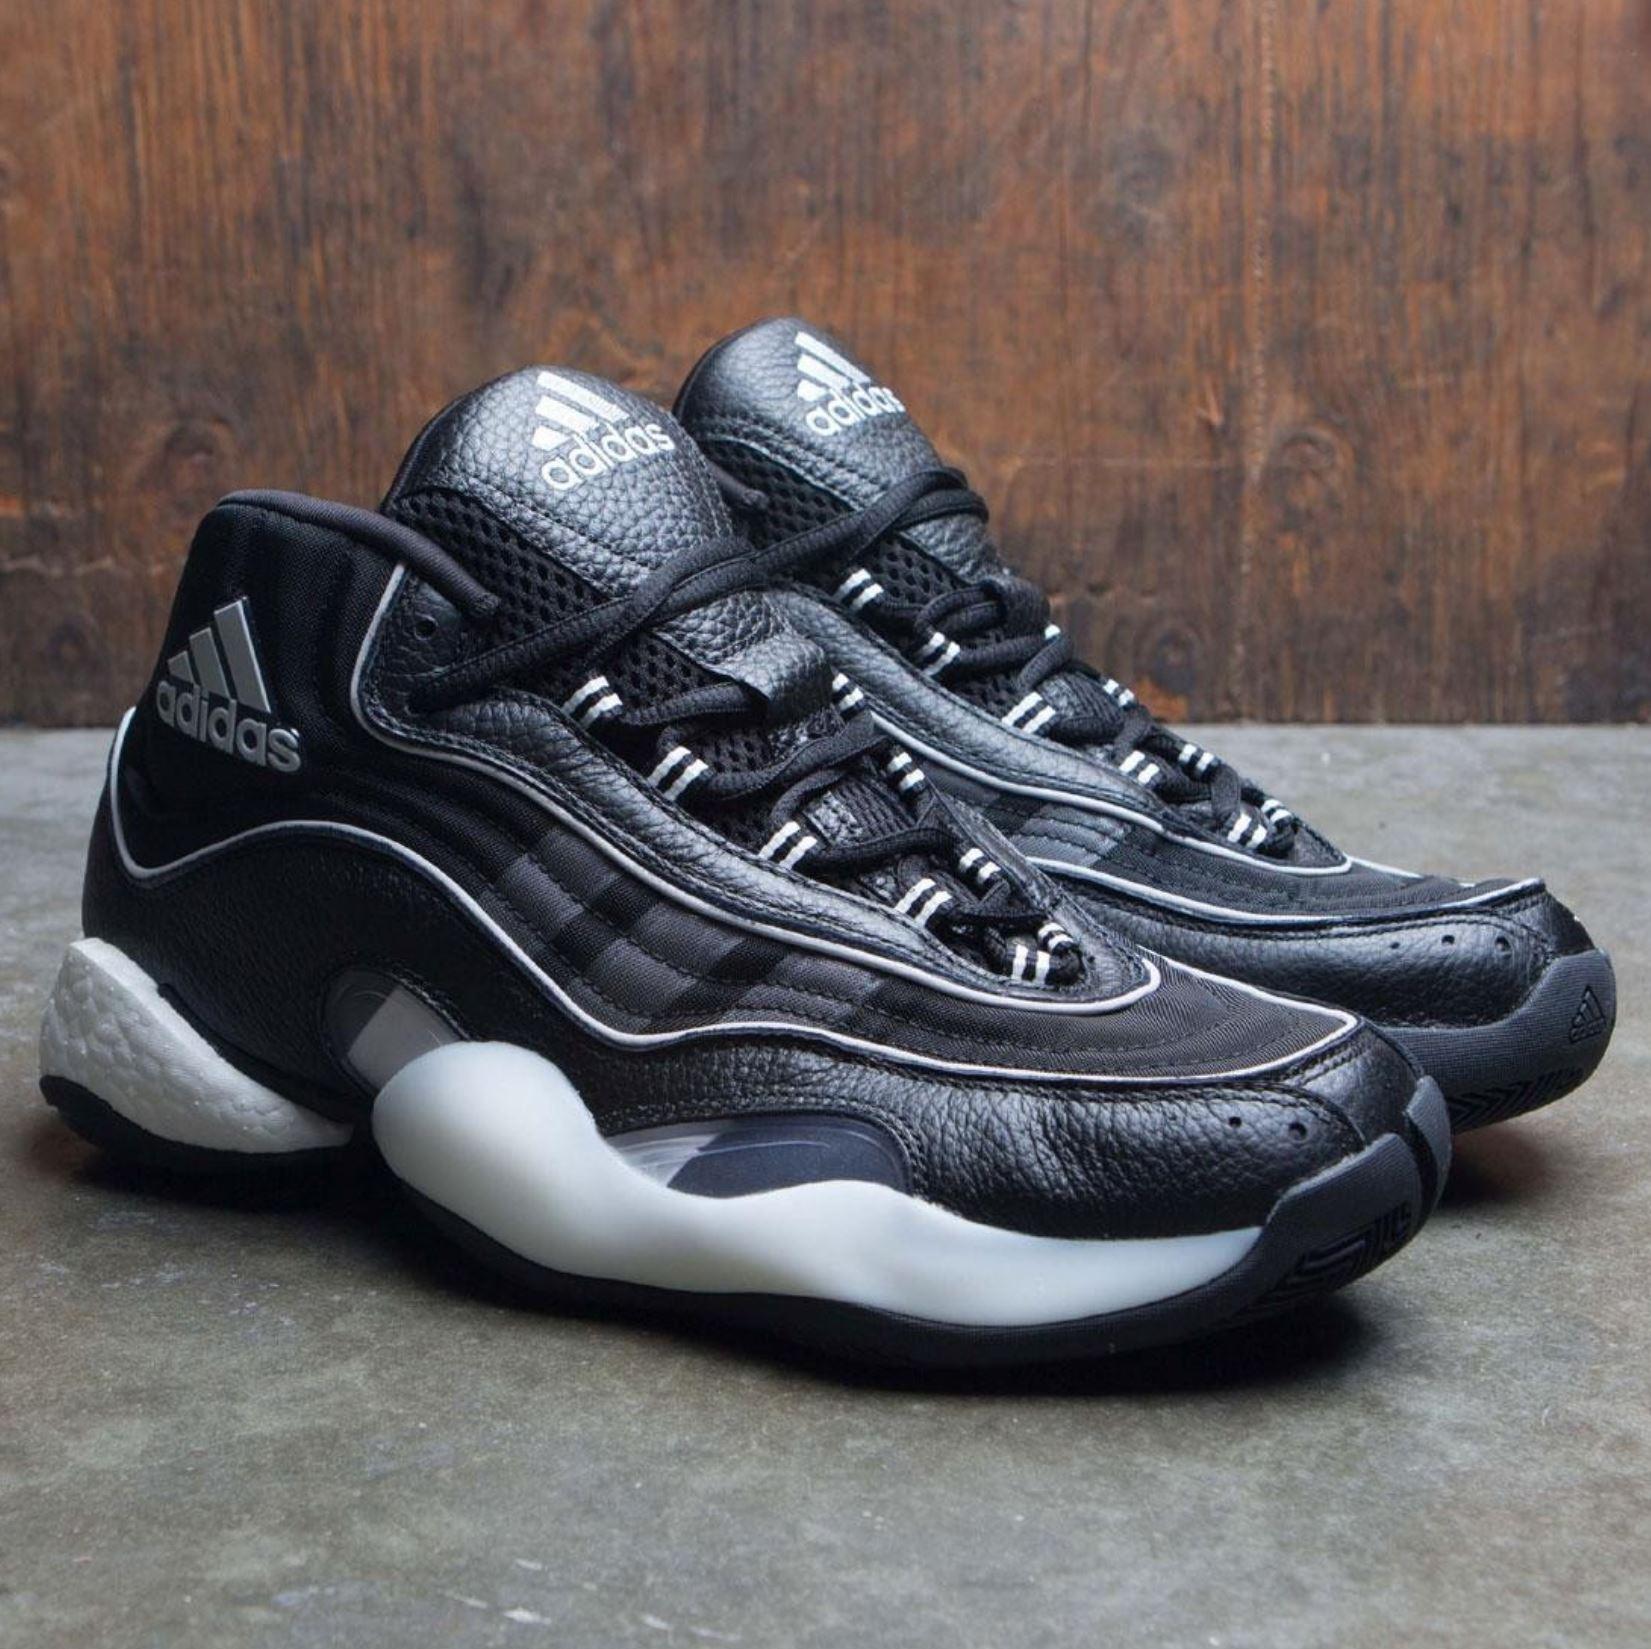 adidas 98 x Crazy BYW Shoes Black | adidas US